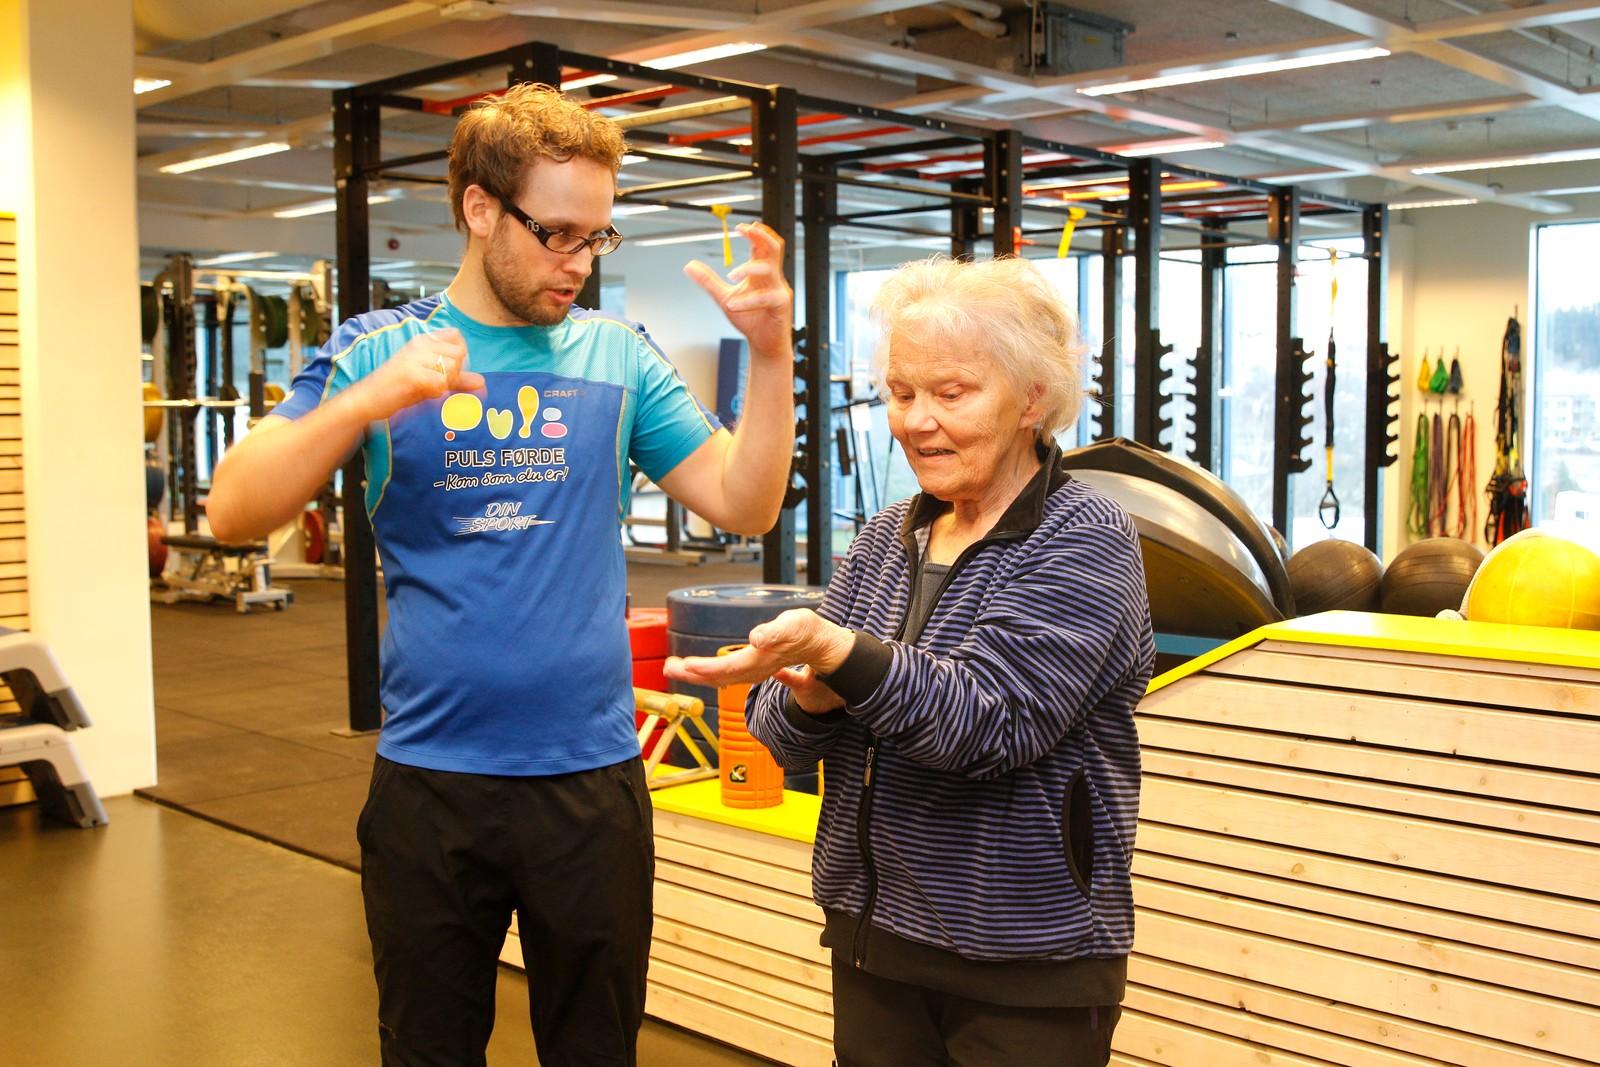 INSTRUKSJON: Dagleg leiar Håvard Røneid ved Puls Førde fortel at mange ønskjer personleg trenar for å komme skikkeleg igang med treninga.